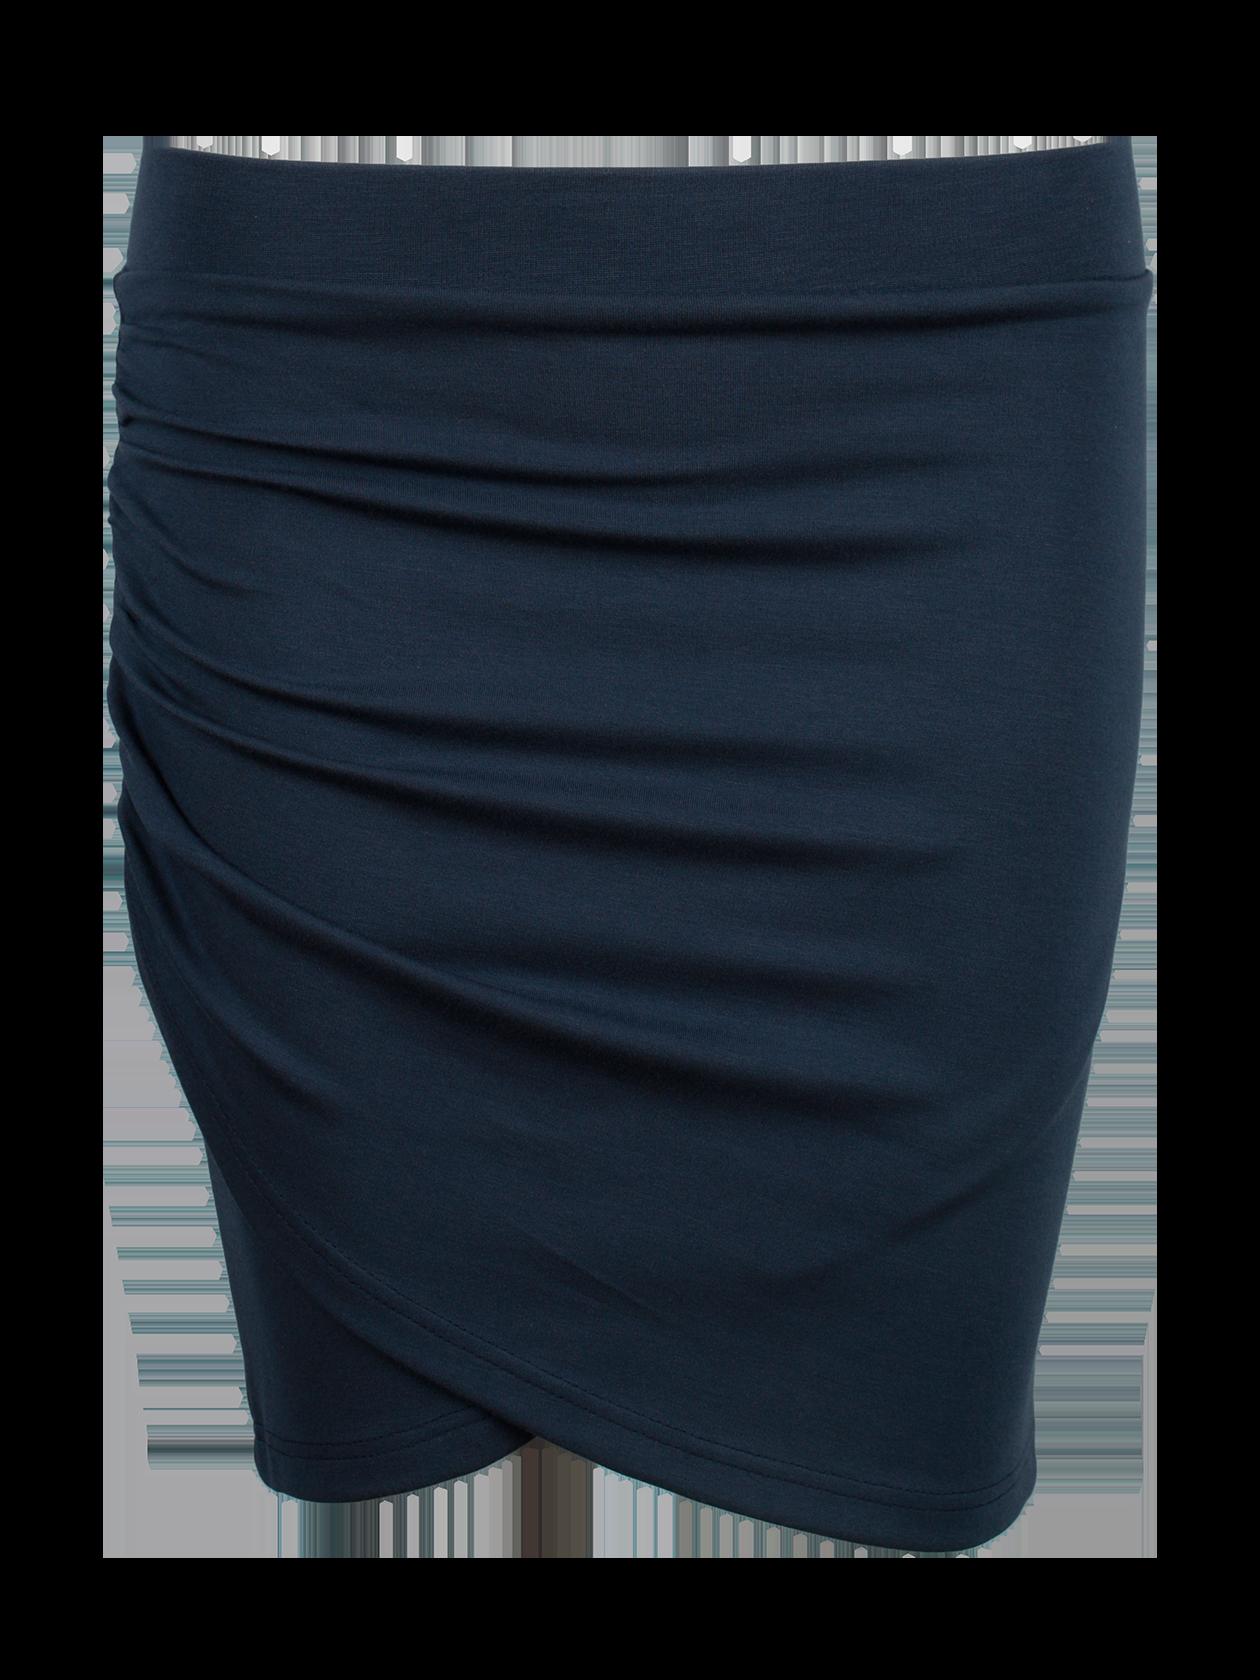 Юбка женская ROYALTY DRAPEСтильная юбка женская Royalty Drape из коллекции Black Star Wear – обязательный атрибут повседневного гардероба. Модель классического дизайна с оригинальной драпировкой по боковой правой линии и двухслойным симметричным передом. Силуэт прямой, облегающий, длина – чуть выше колена. В качестве пояса выступает брендированная резинка, идеально фиксирующая изделие по фигуре, не стесняя движения. Юбка выполнена в базовом черном цвете, который отлично комбинируется с различной одеждой и обувью. Подходит для работы, прогулок, встреч с друзьями.<br><br>Размер: M<br>Цвет: Синий<br>Пол: Женский